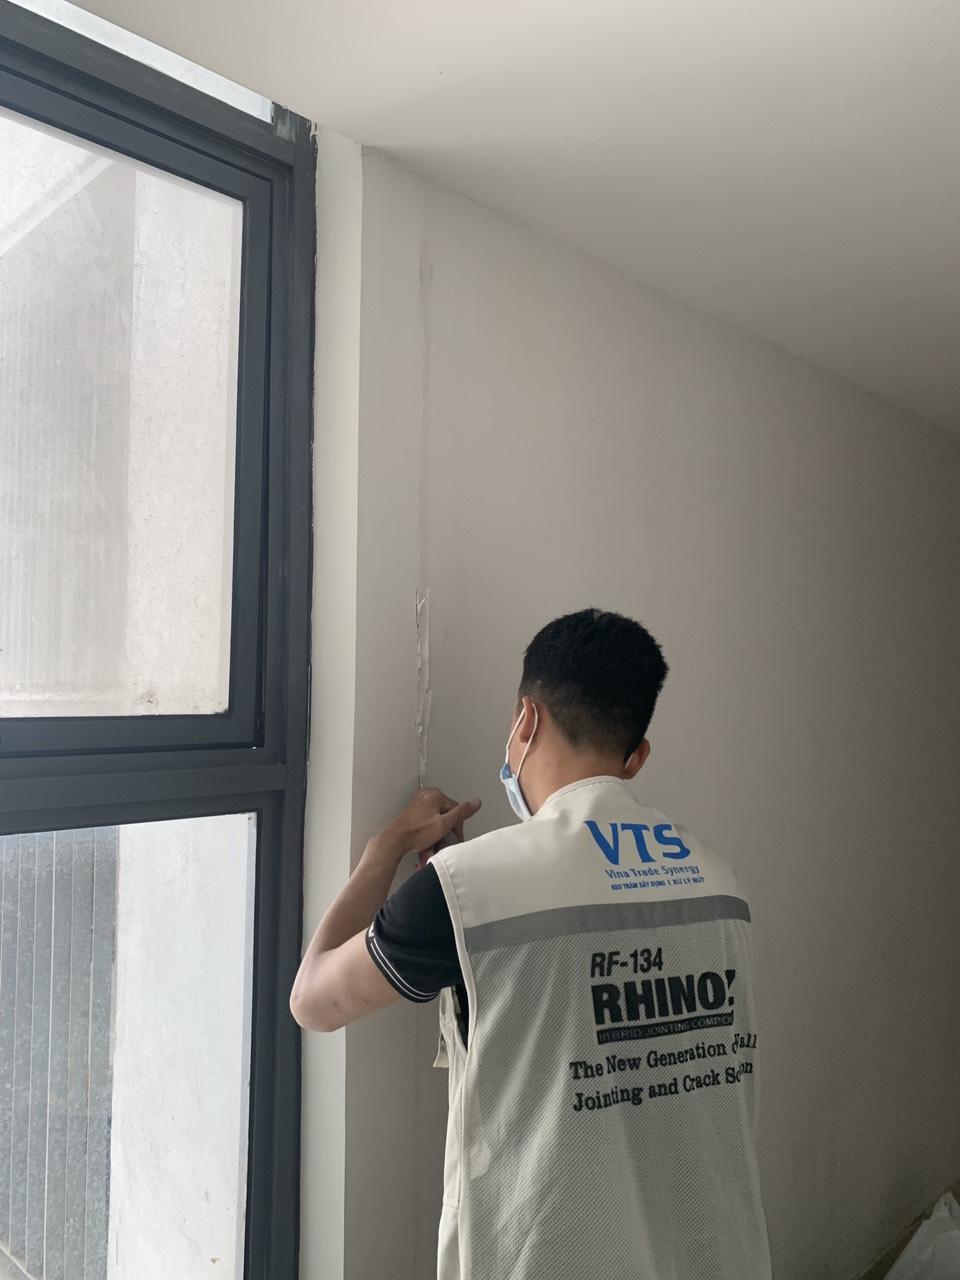 Keo trám khe nối tấm tường và vách bê tông bị hỏng, tách lớp, ố màu